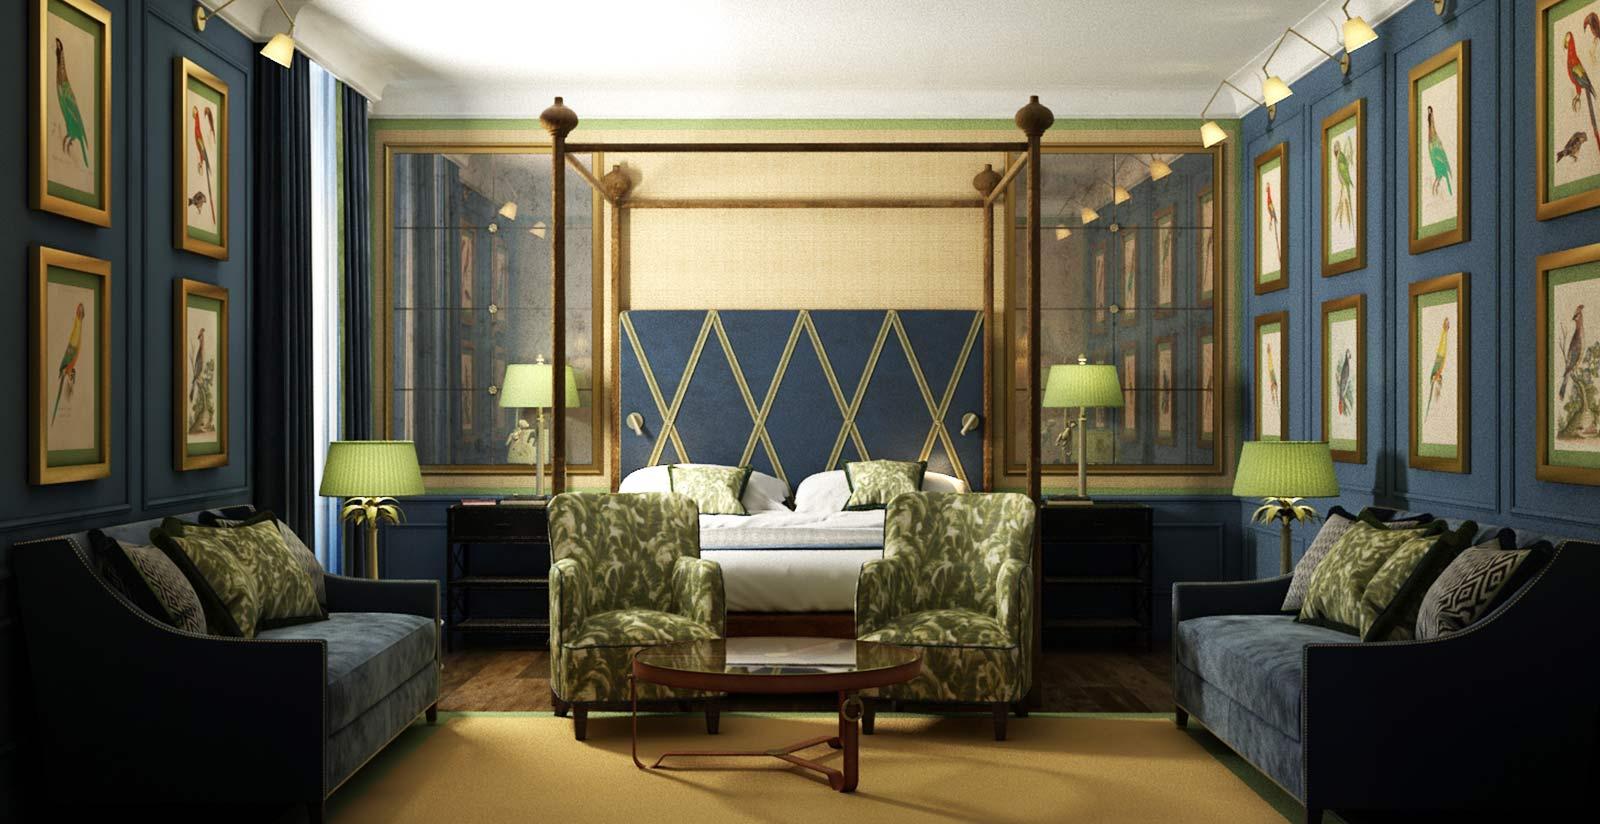 Hotel romantico nel centro di Firenze